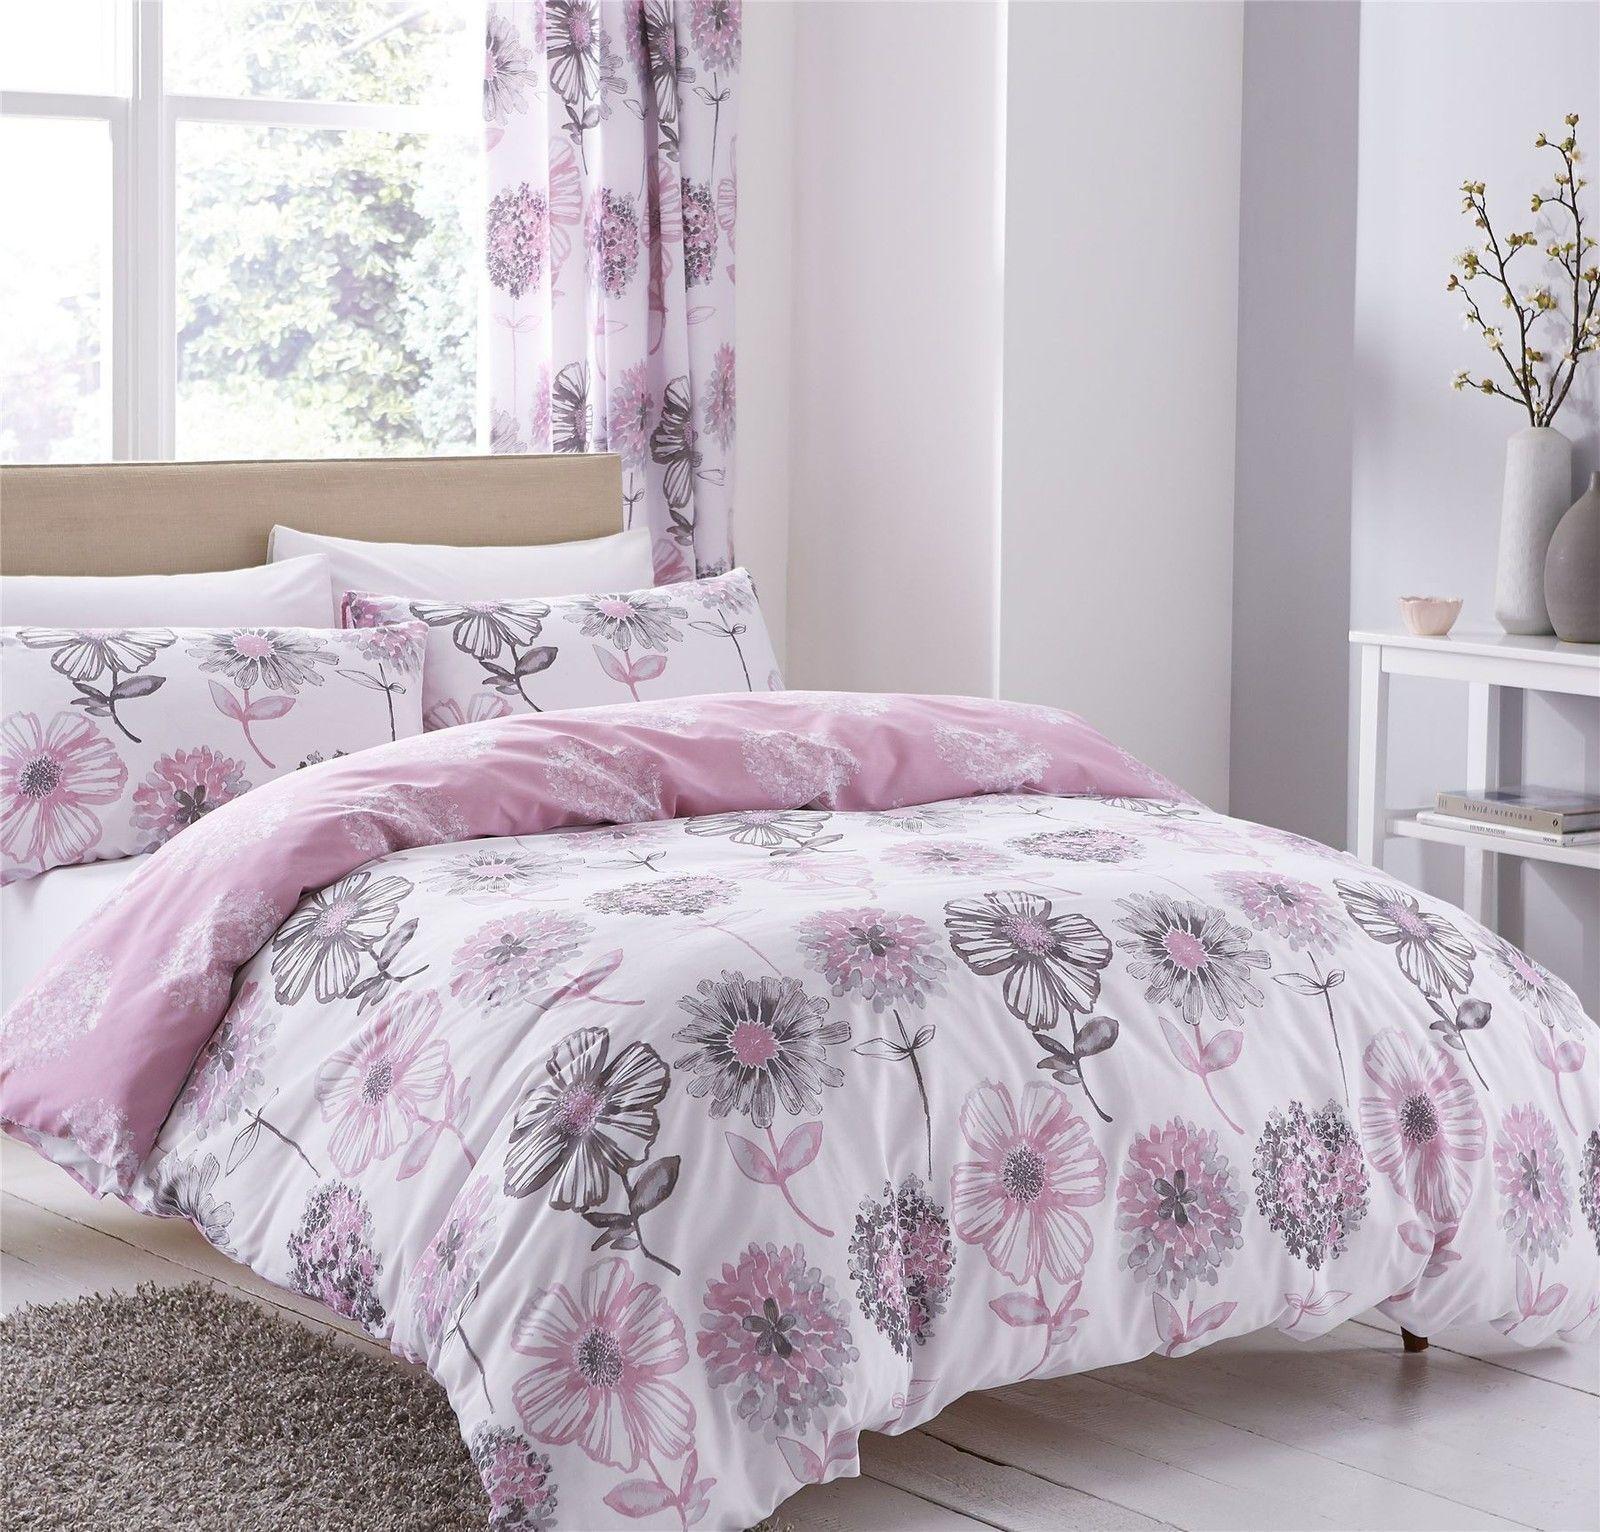 Watercolour Style Fl Flowers Pink Cotton Blend Double 6 Piece Bedding Set